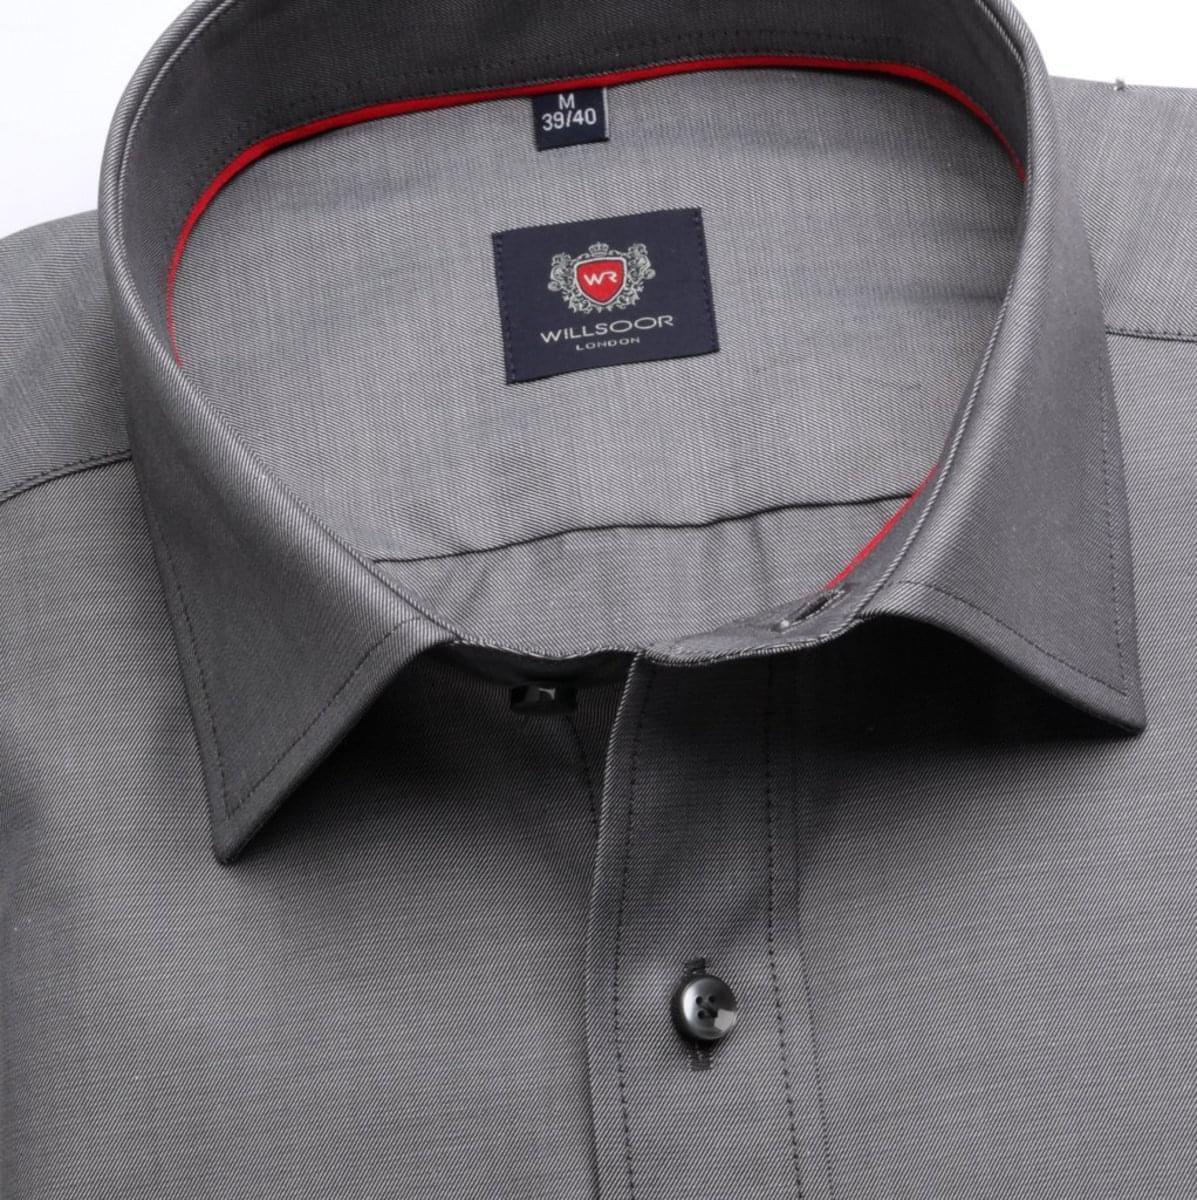 Pánská klasická košile London (výška 176-182) 6746 v šedé barvě s formulí Easy Care 176-182 / XXL (45/46)